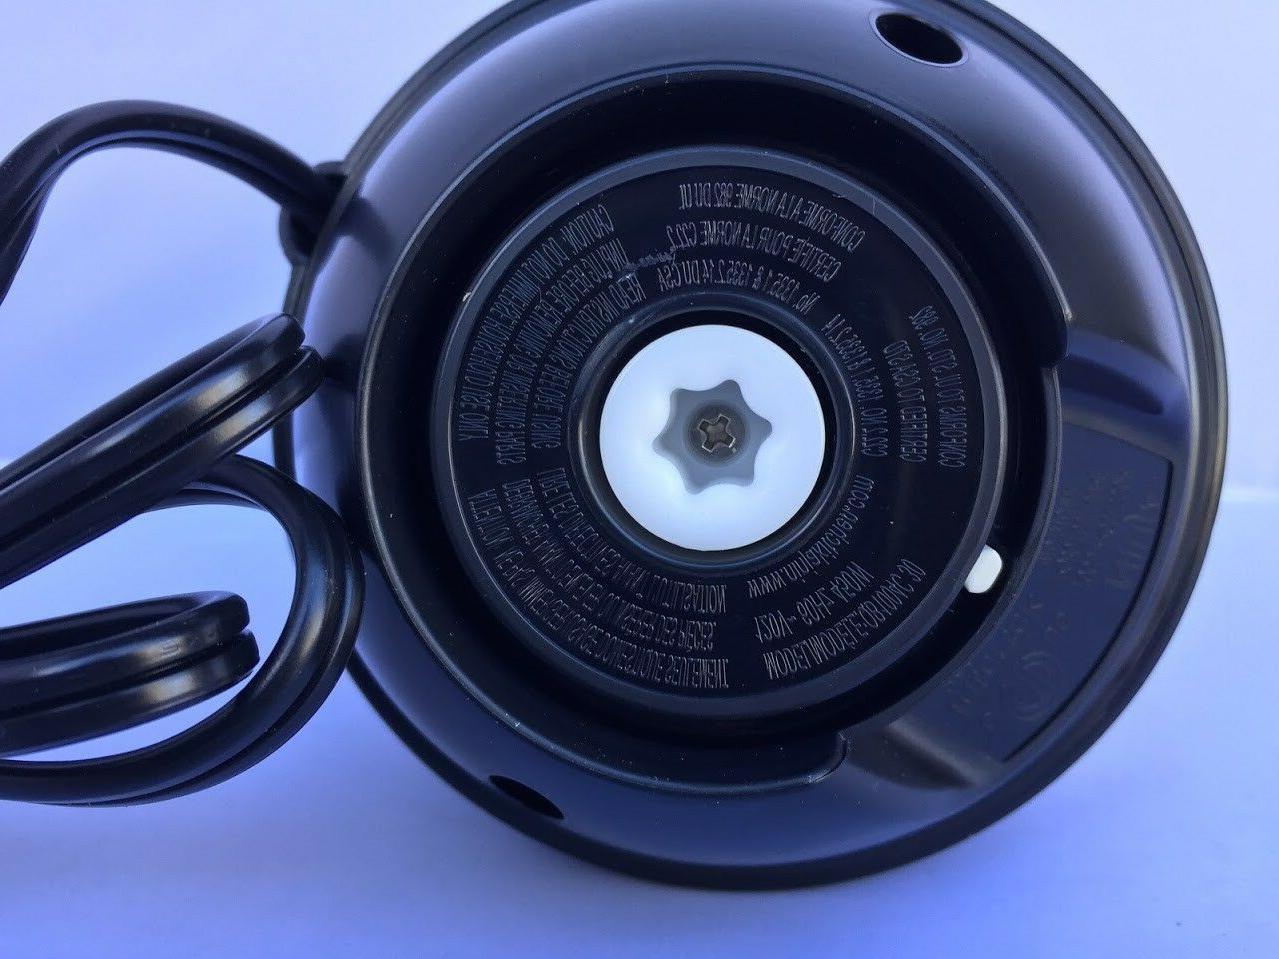 Ninja QB900 QB900W Food